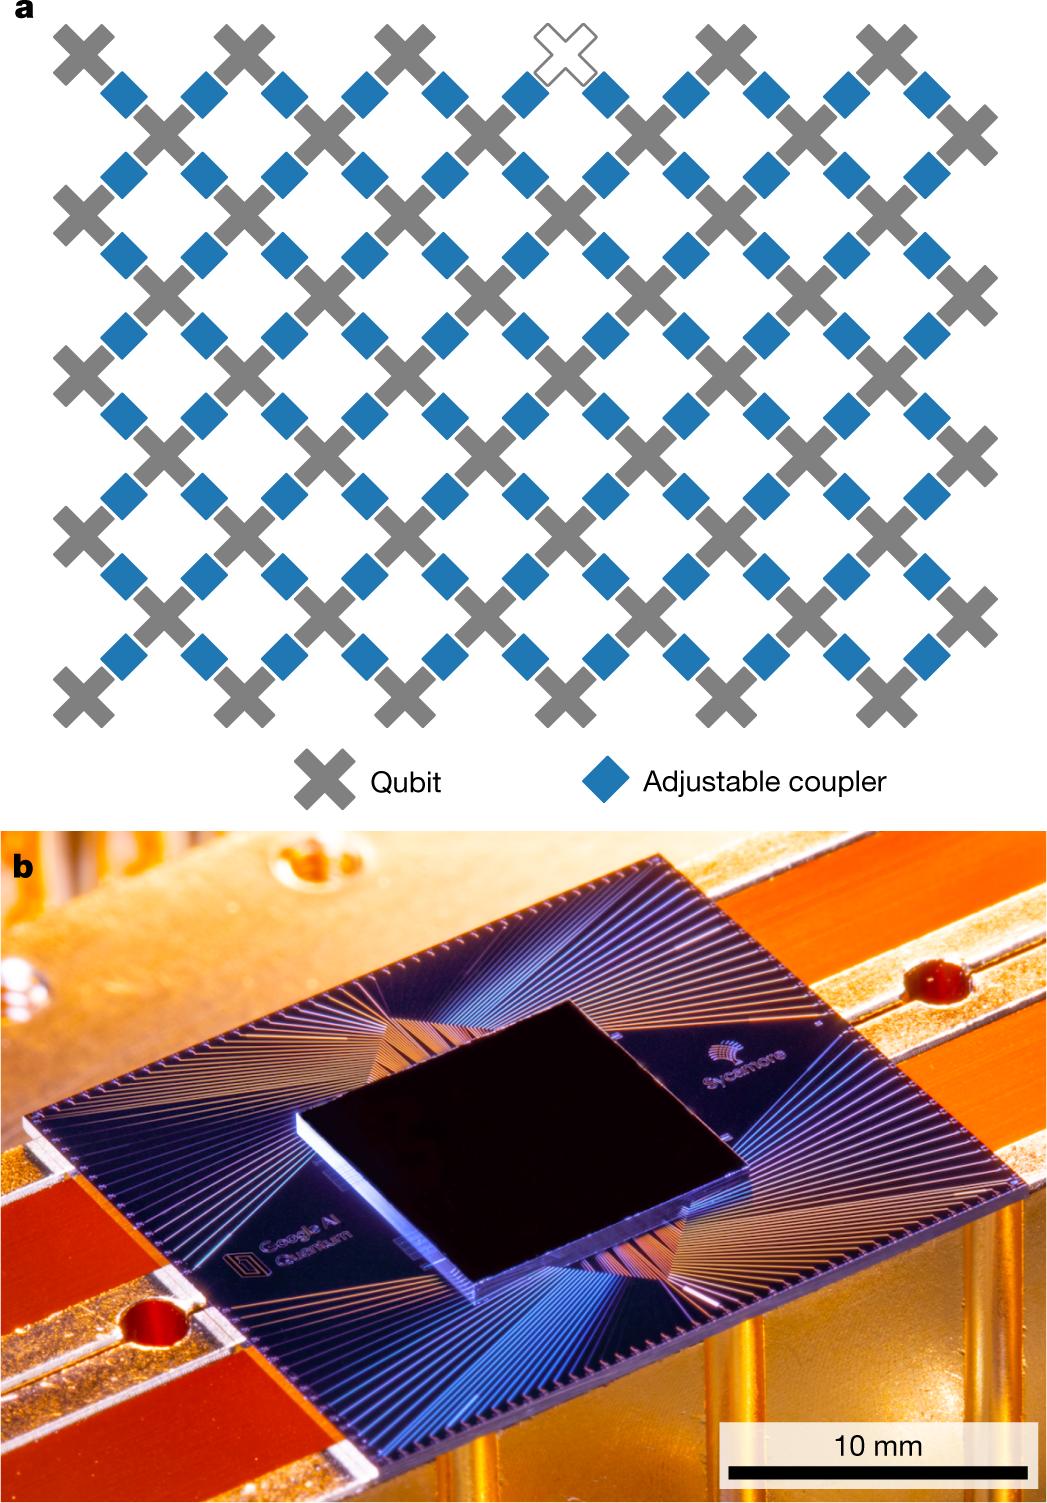 Схема расположения кубитов (a) ивнешний вид (b) квантового процессора Sycamore